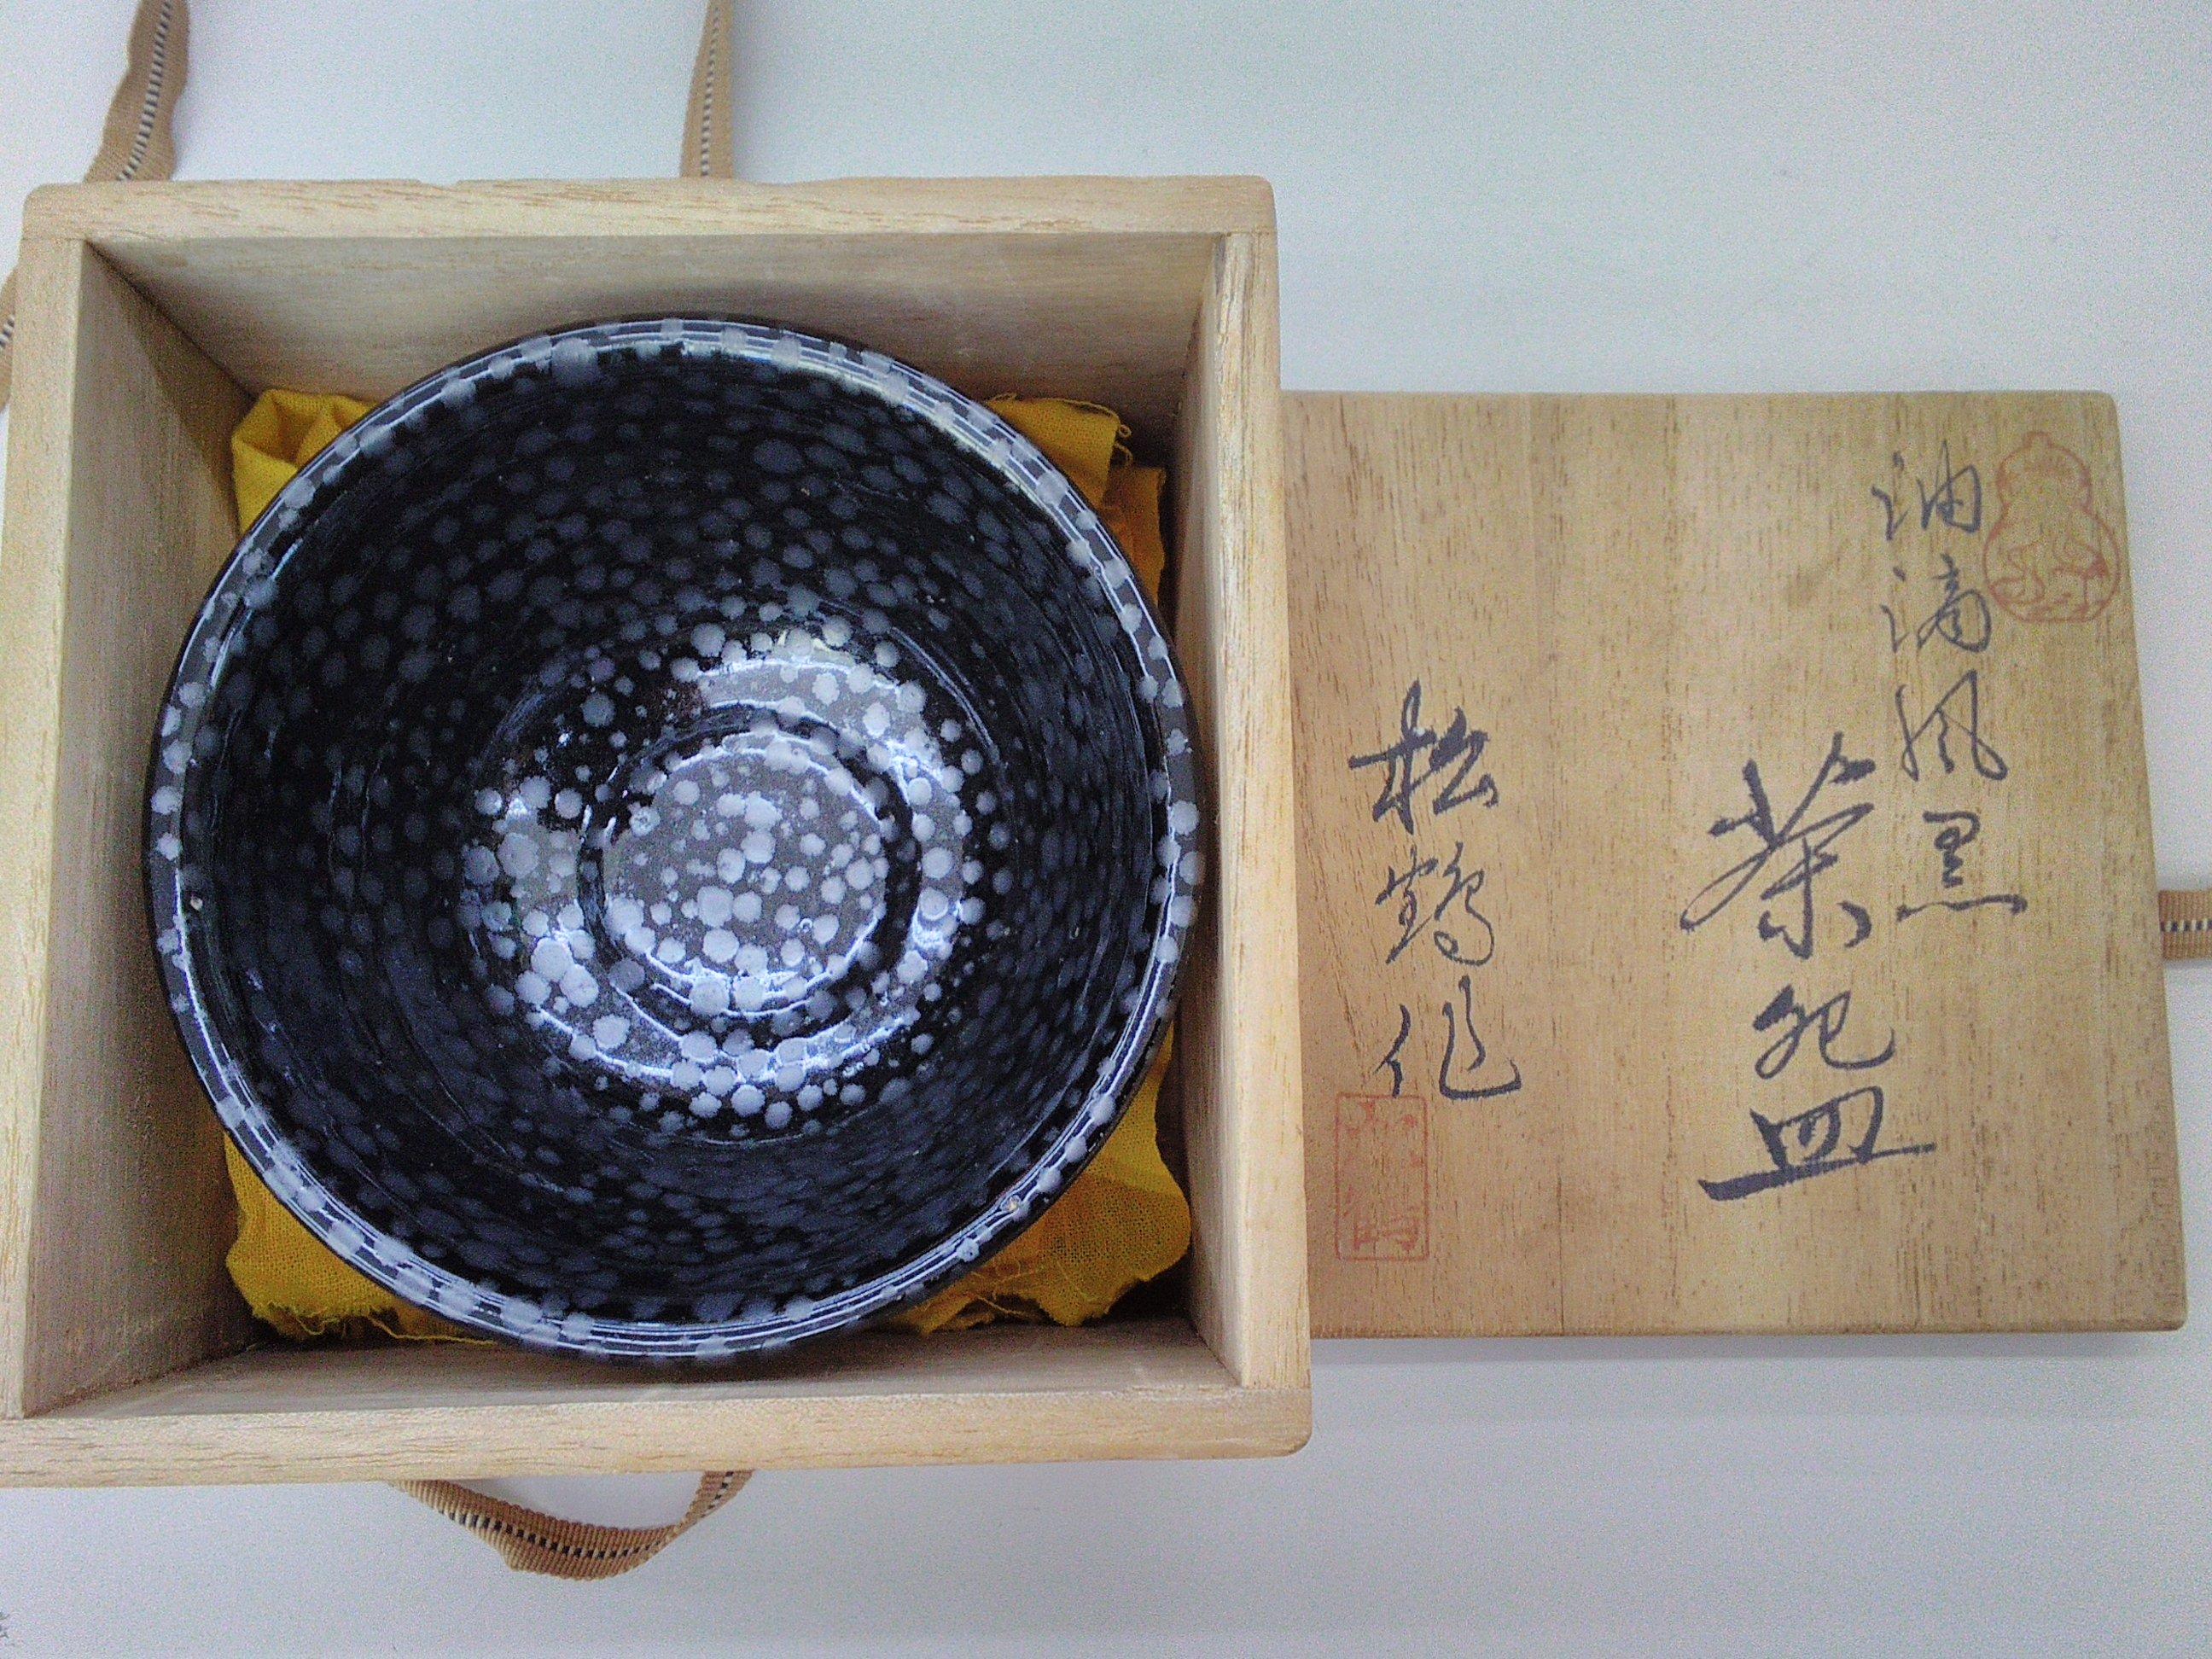 油滴風黒茶碗 伊藤松鶴